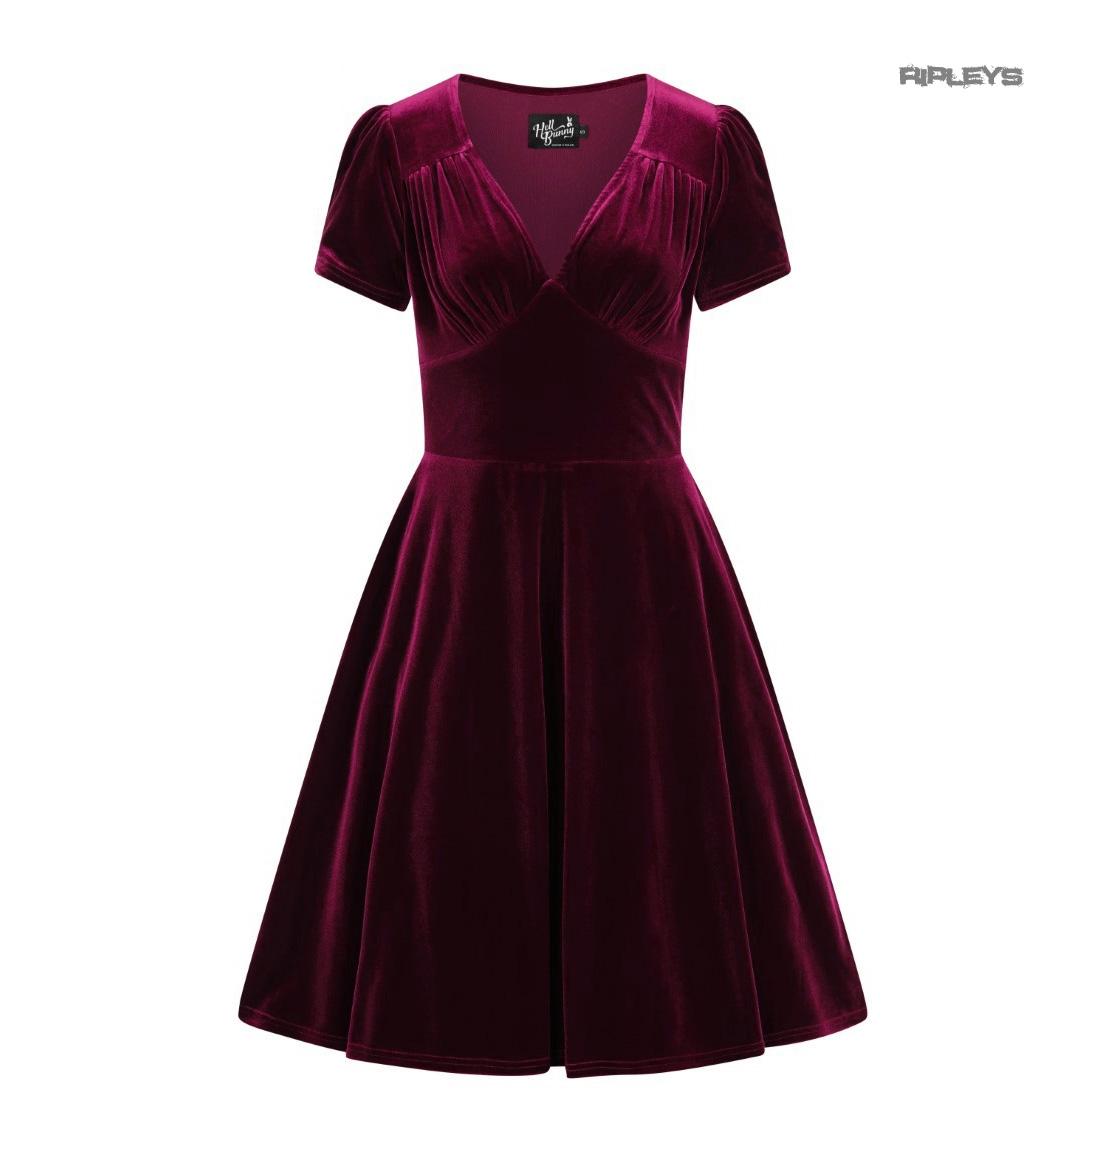 Hell-Bunny-40s-50s-Elegant-Pin-Up-Dress-JOANNE-Crushed-Velvet-Burgundy-All-Sizes thumbnail 40